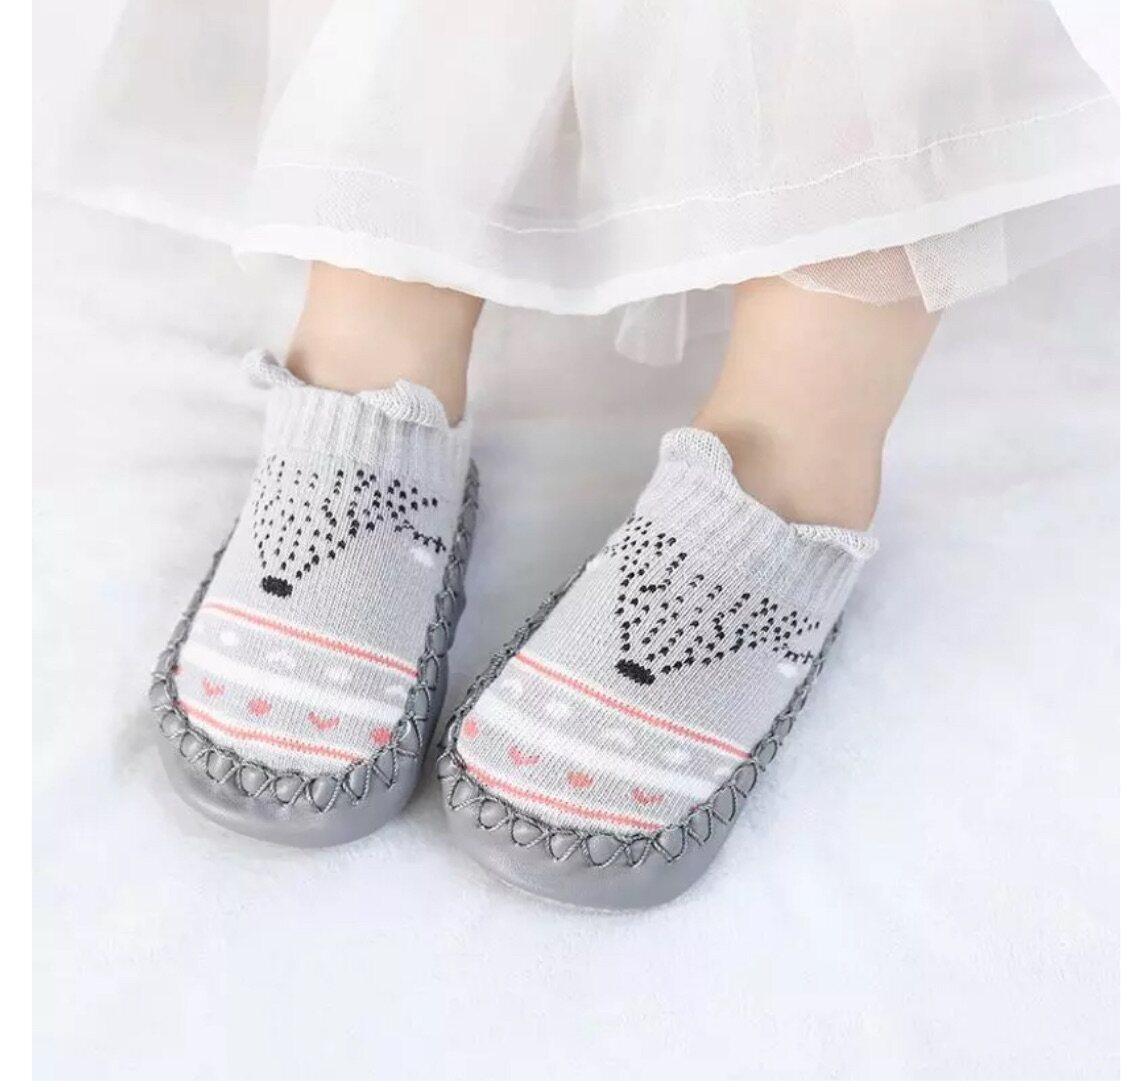 ถุงเท้าเด็กหัดเดินทารกเด็กแรกเกิดชายหญิง พื้นกันลื่น รองเท้าเด็ก ลายการ์ตูนสัตว์น่ารัก ด้านล่างน่มผ้าฝ้าย สำหรับ1-3ปี.